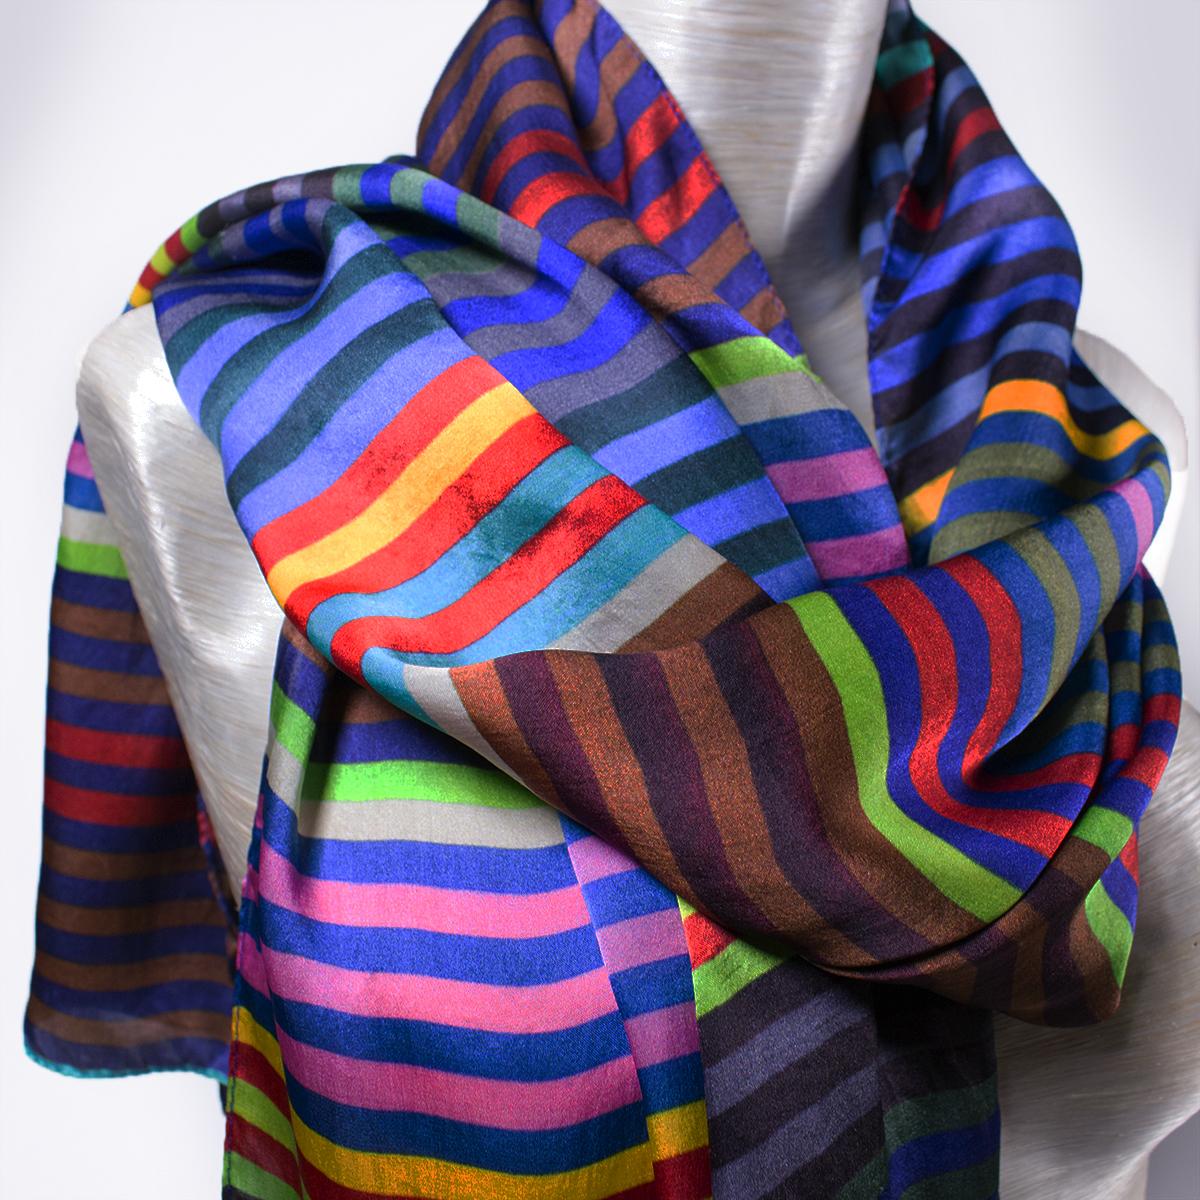 gdscarf-side-details.jpg